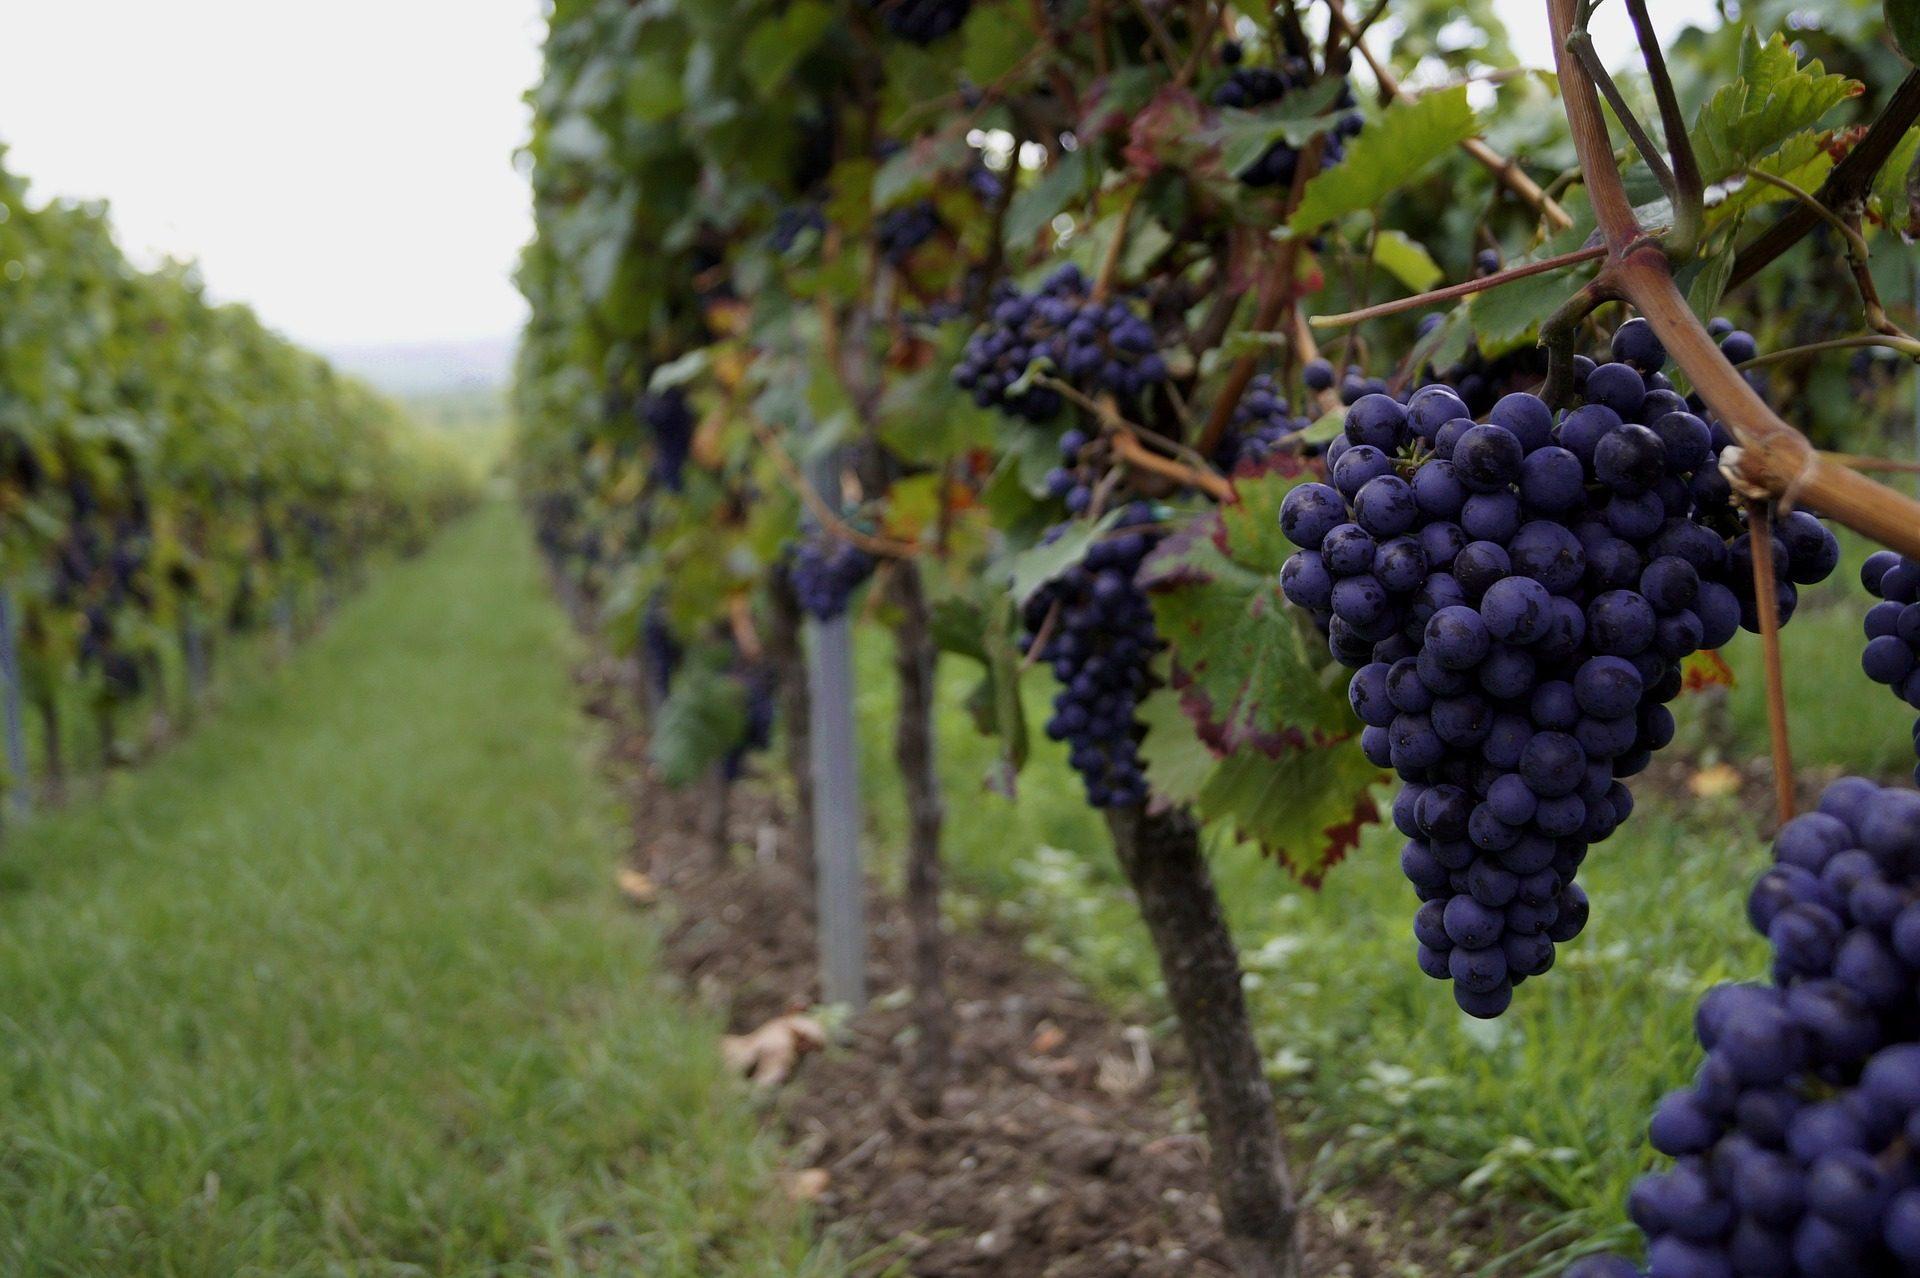 uvas, frutas, vid, cultivo, plantación, cepas - Fondos de Pantalla HD - professor-falken.com